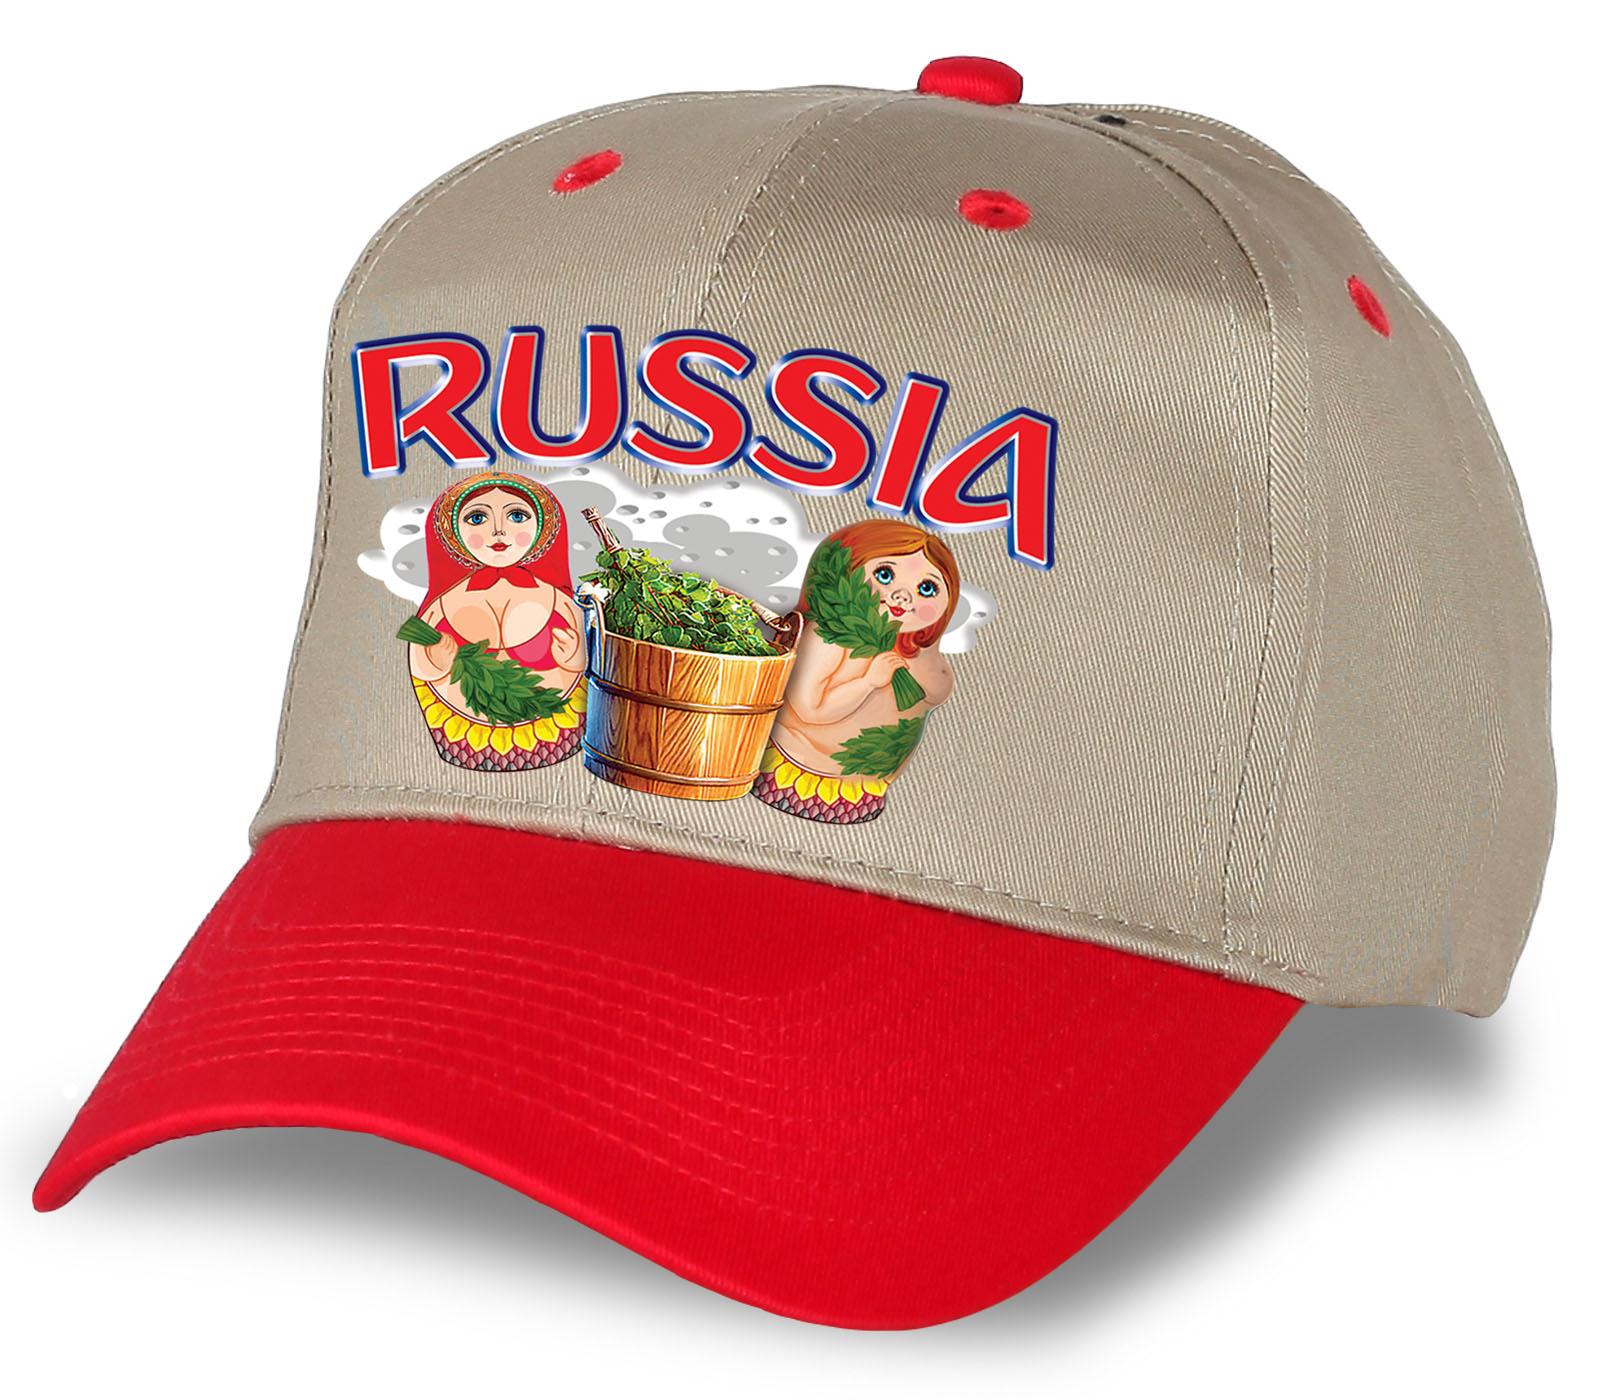 """Успей заказать! Самая модная кепка """"Russia"""" с матрешками. Эксклюзивный головной убор от Военпро! Отменное качество, супер цена. Ограниченная серия!"""